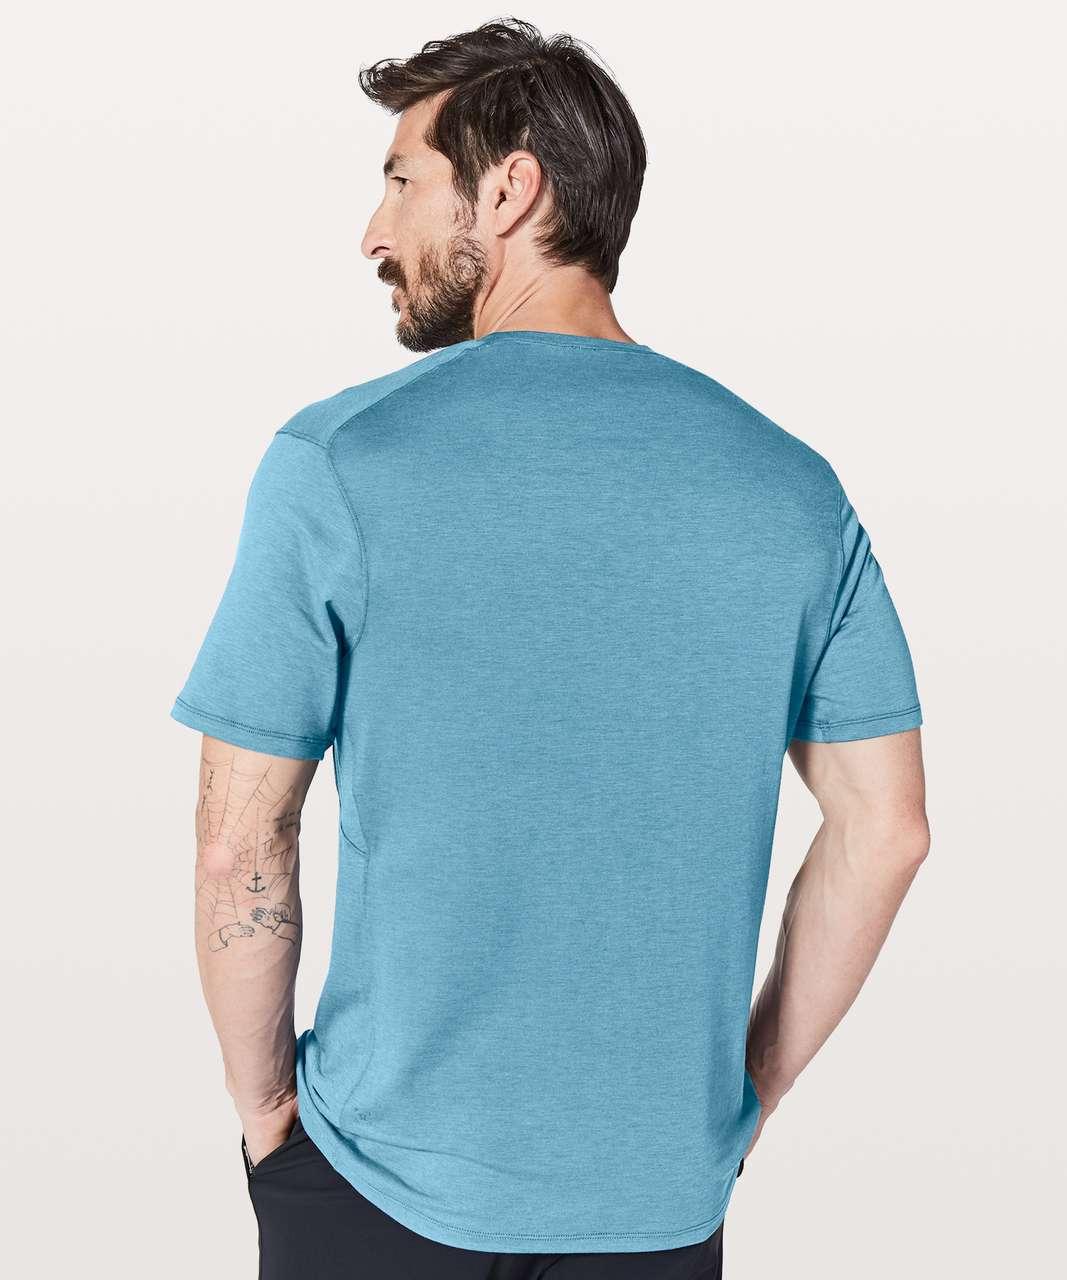 Lululemon Somatic Aero Short Sleeve - Pewter Blue